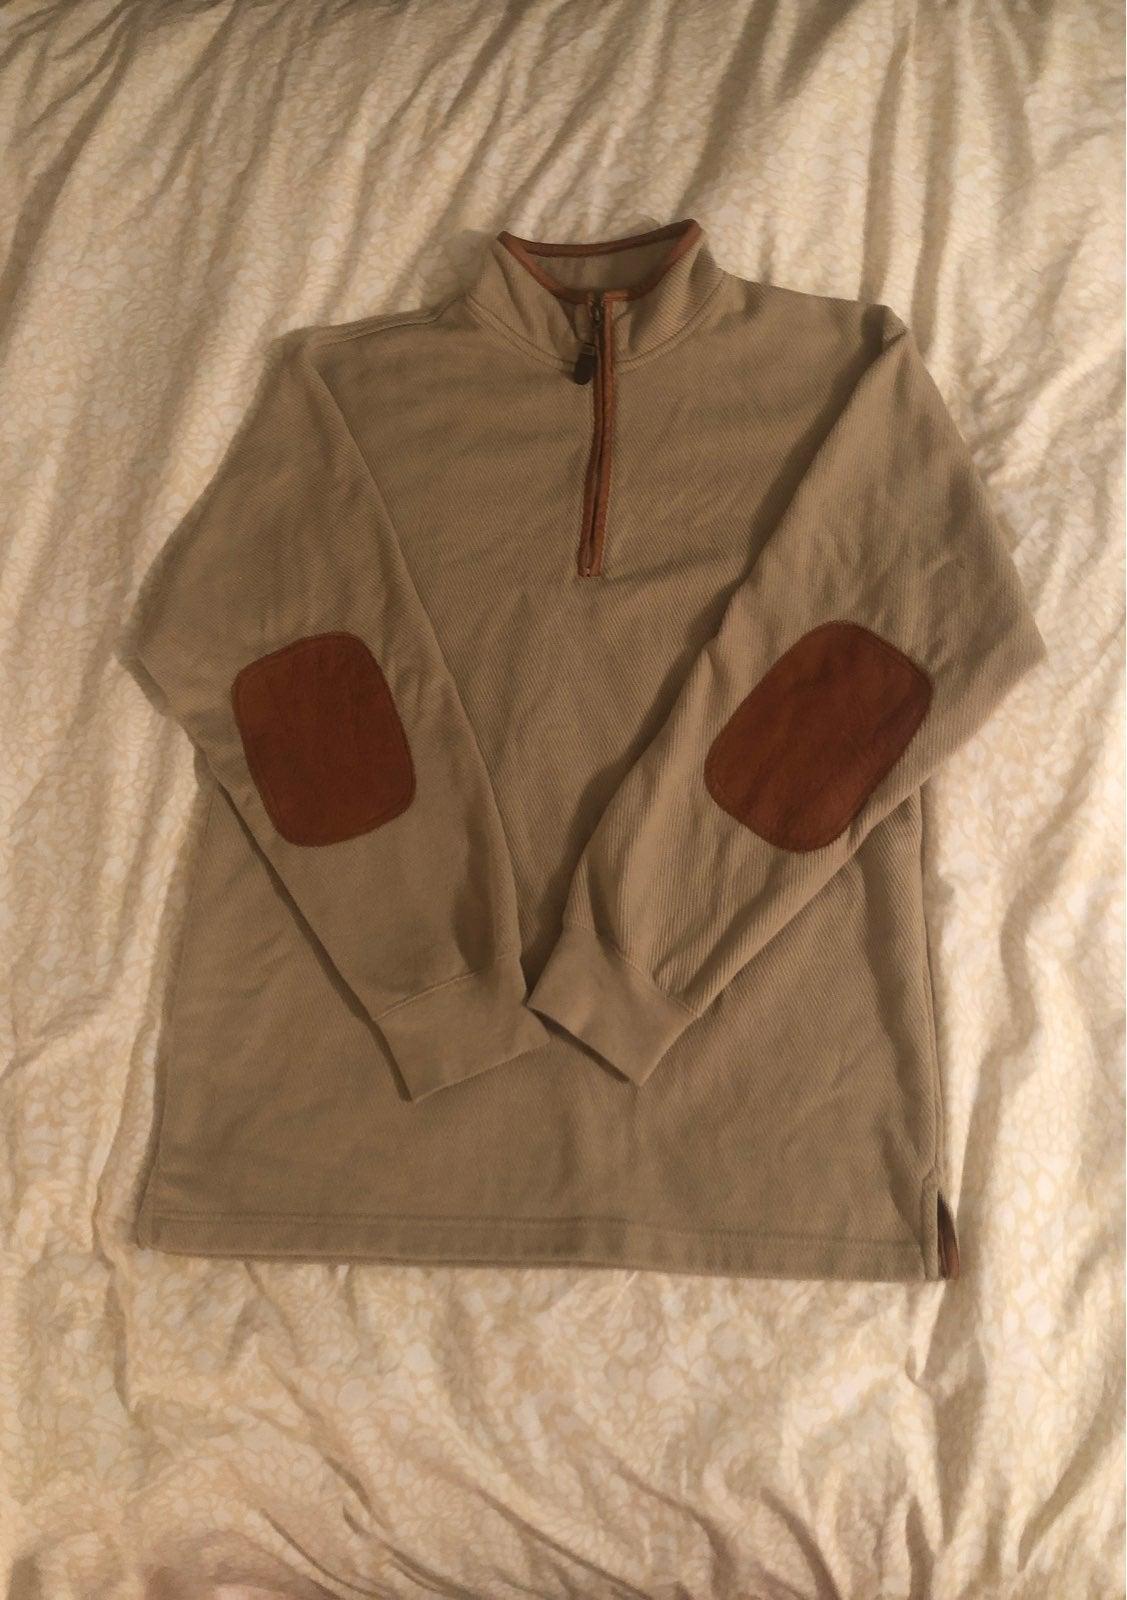 Orvis khaki 1/4 Zip Pullover Medium